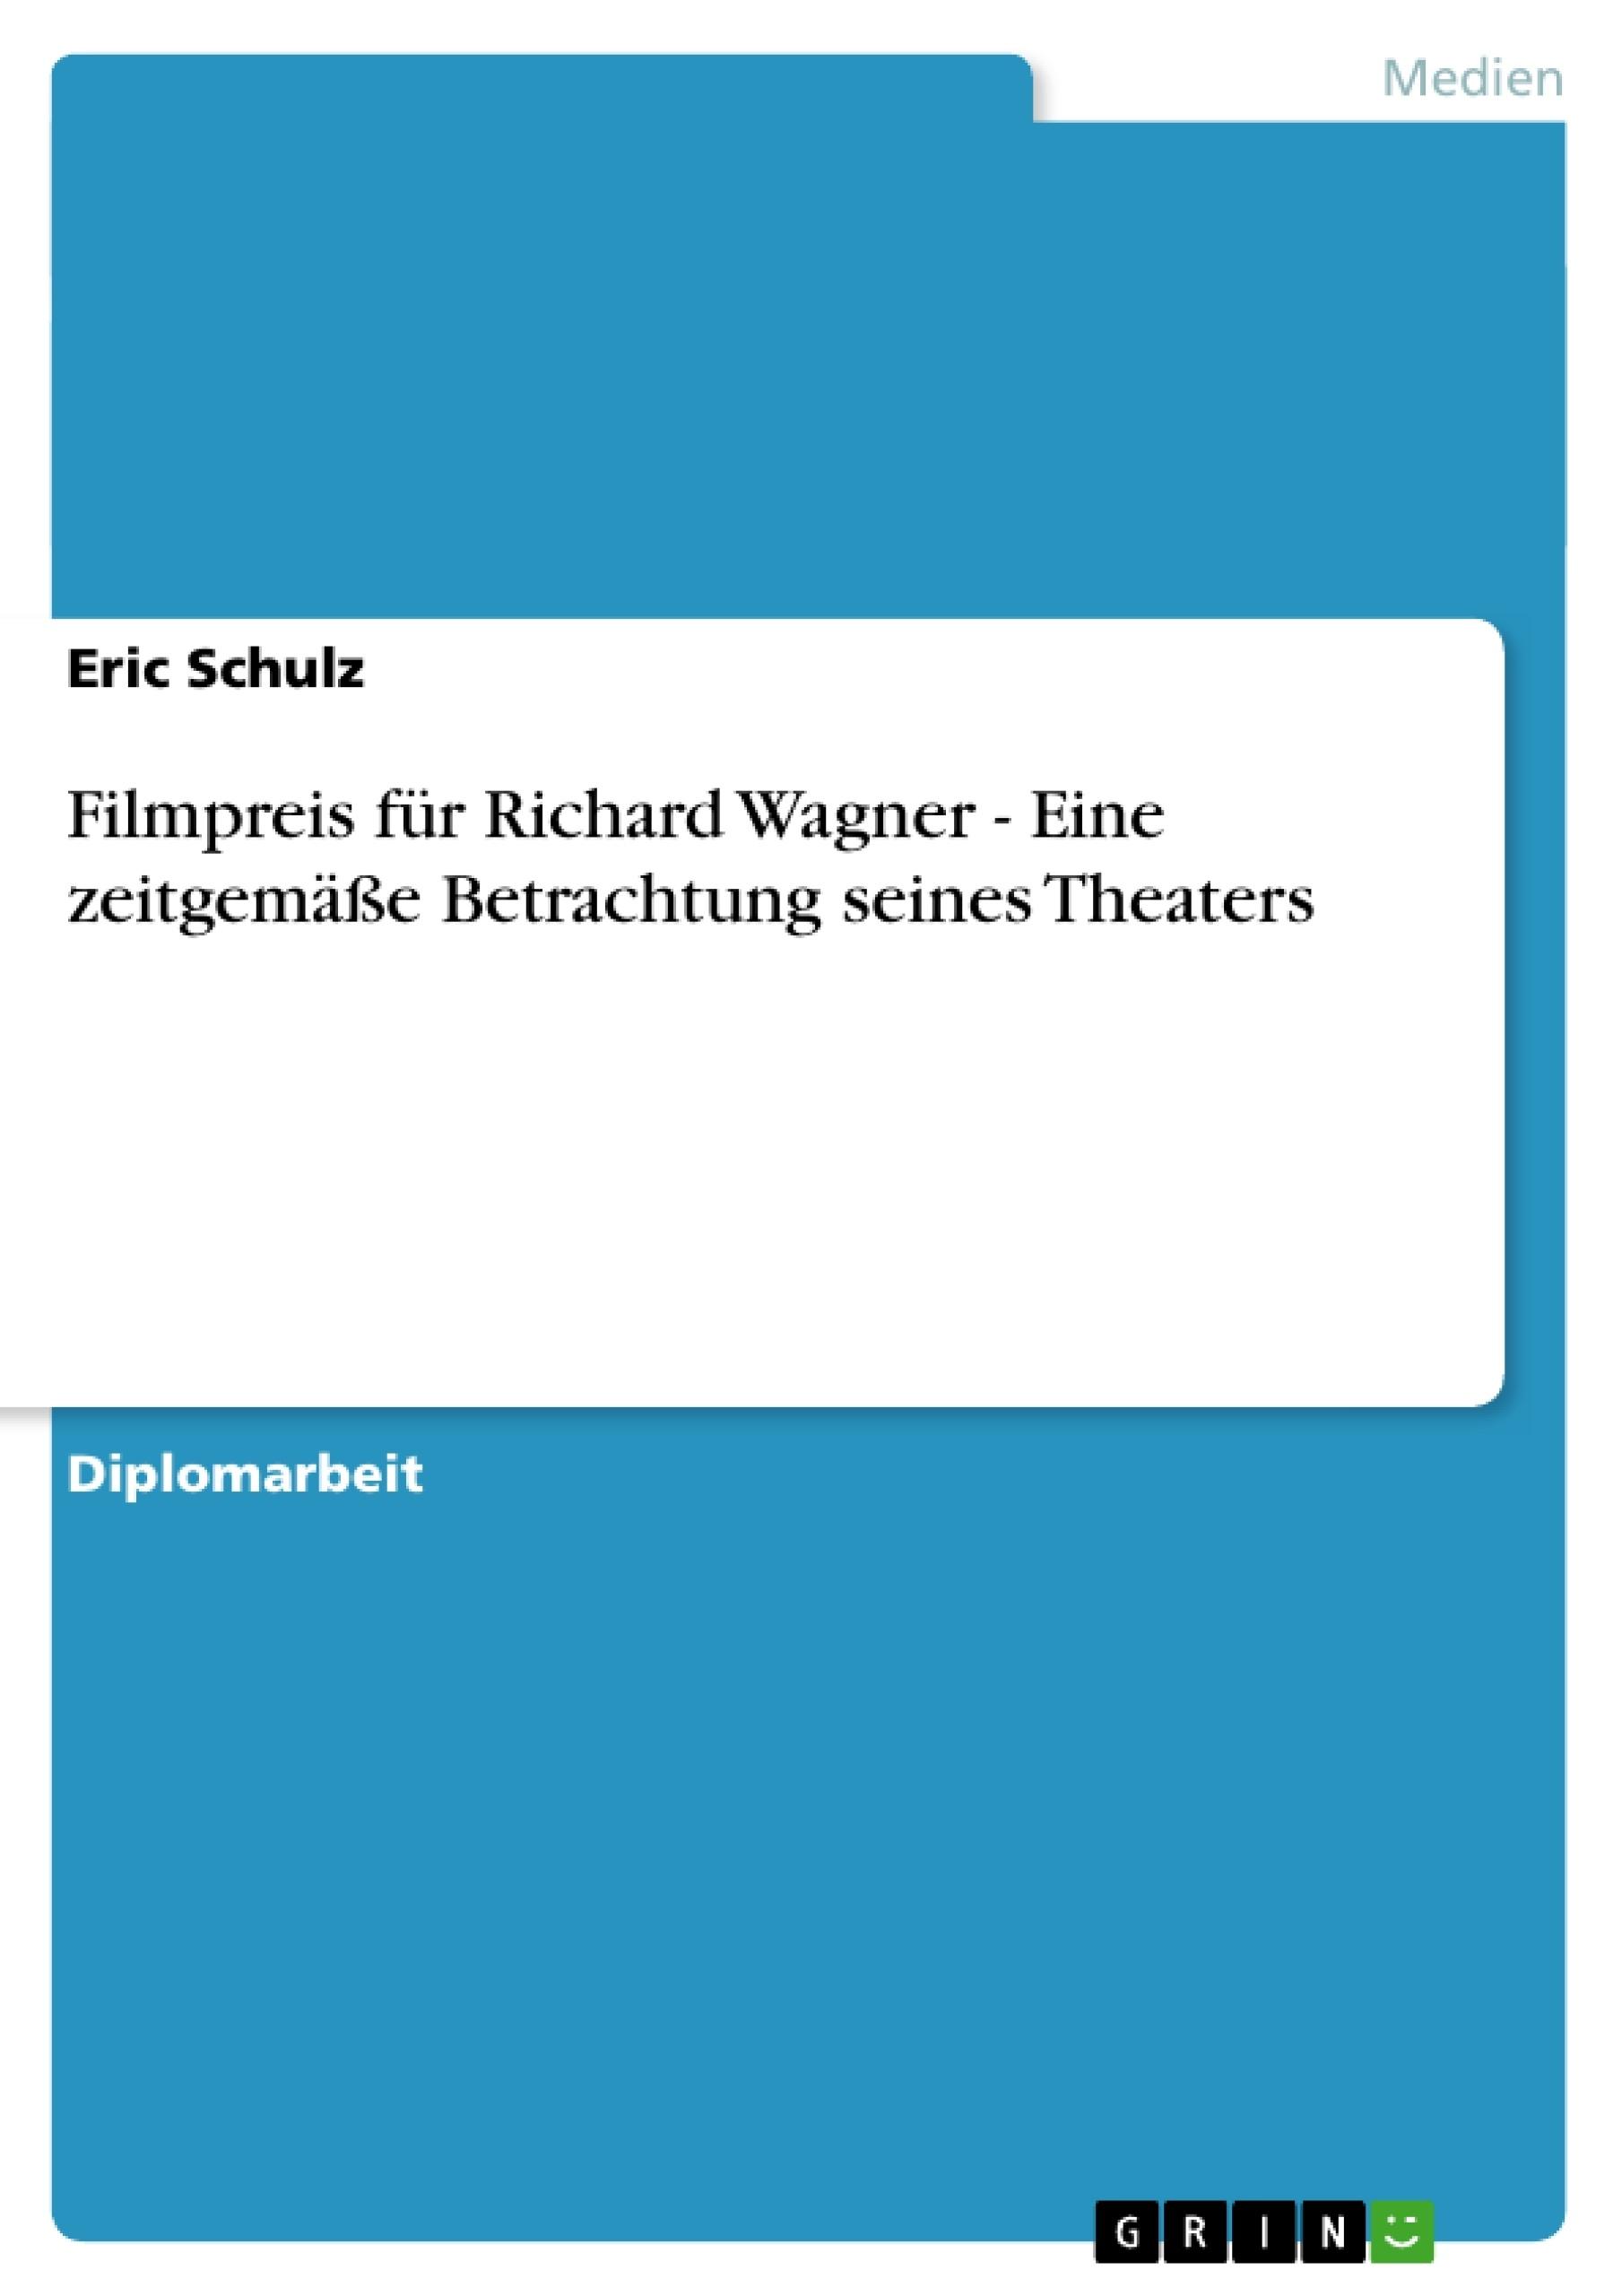 Titel: Filmpreis für Richard Wagner - Eine zeitgemäße Betrachtung seines Theaters